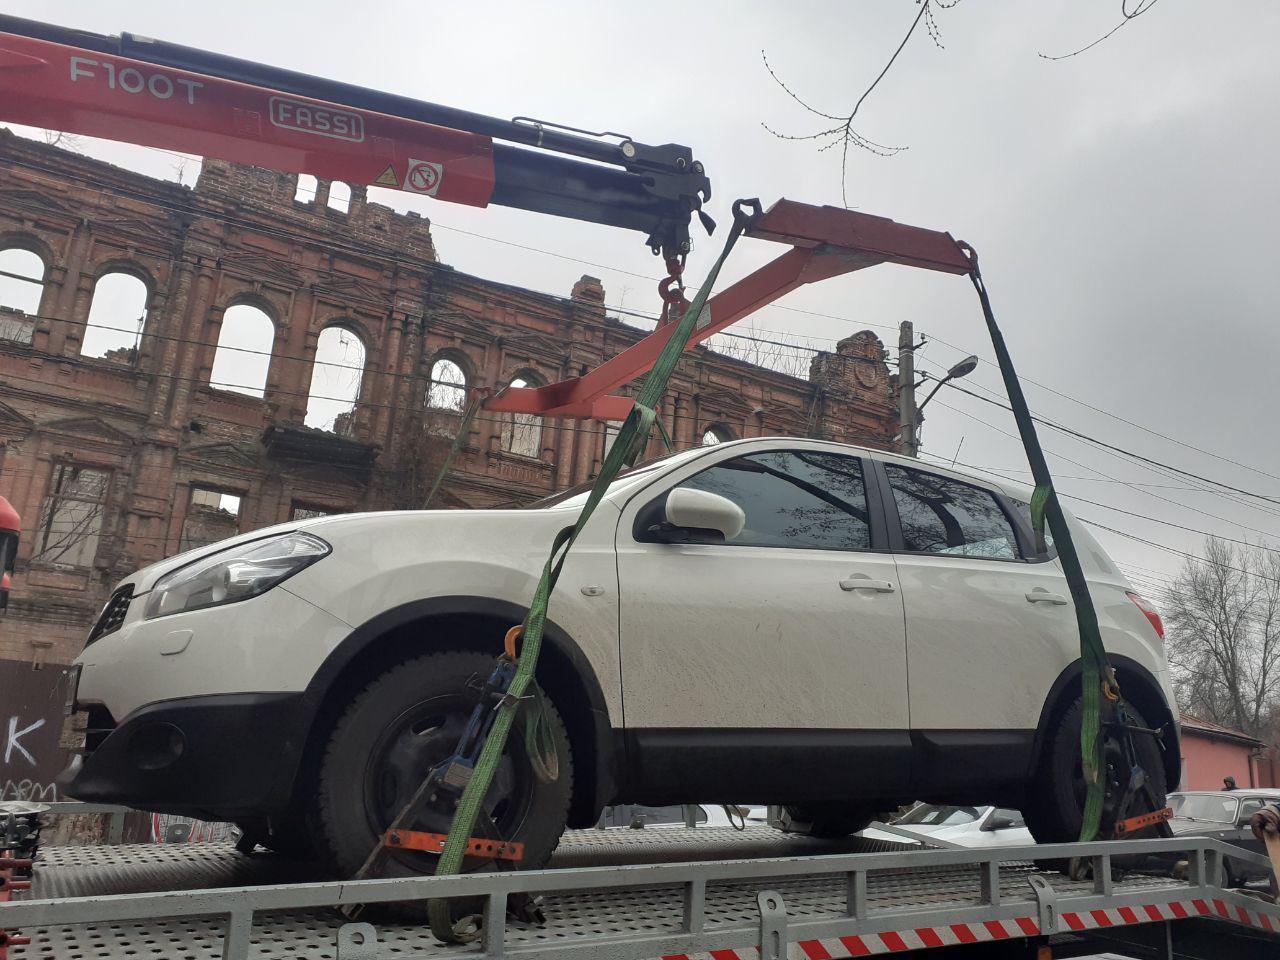 Более сотни эвакуаций за неделю: отчет от инспекторов по парковке Днепра. Новости Днепра